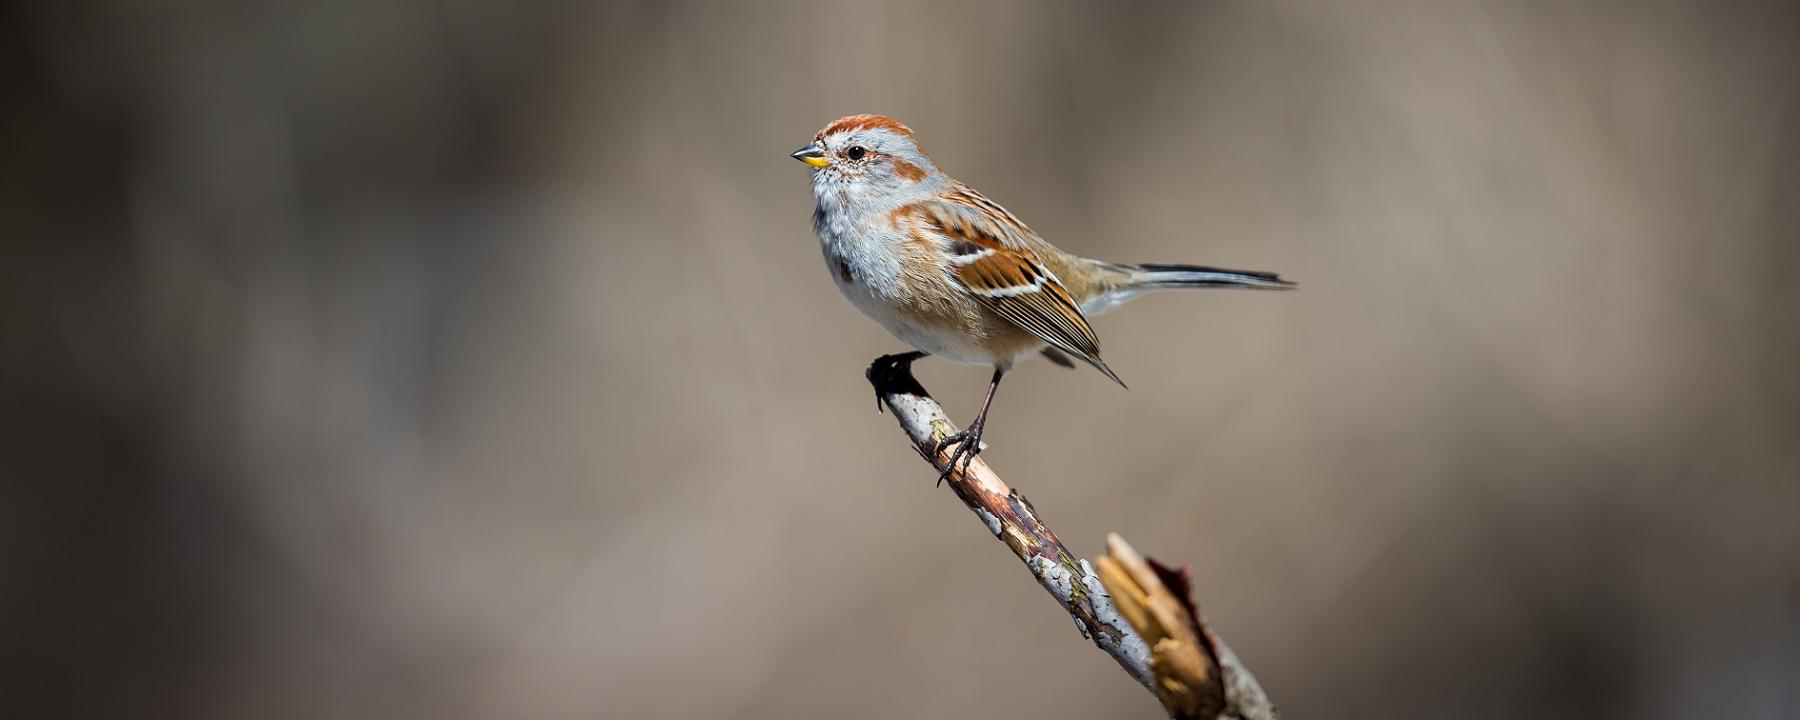 North America Has 3 Billion Fewer Birds Than it Did in 1970